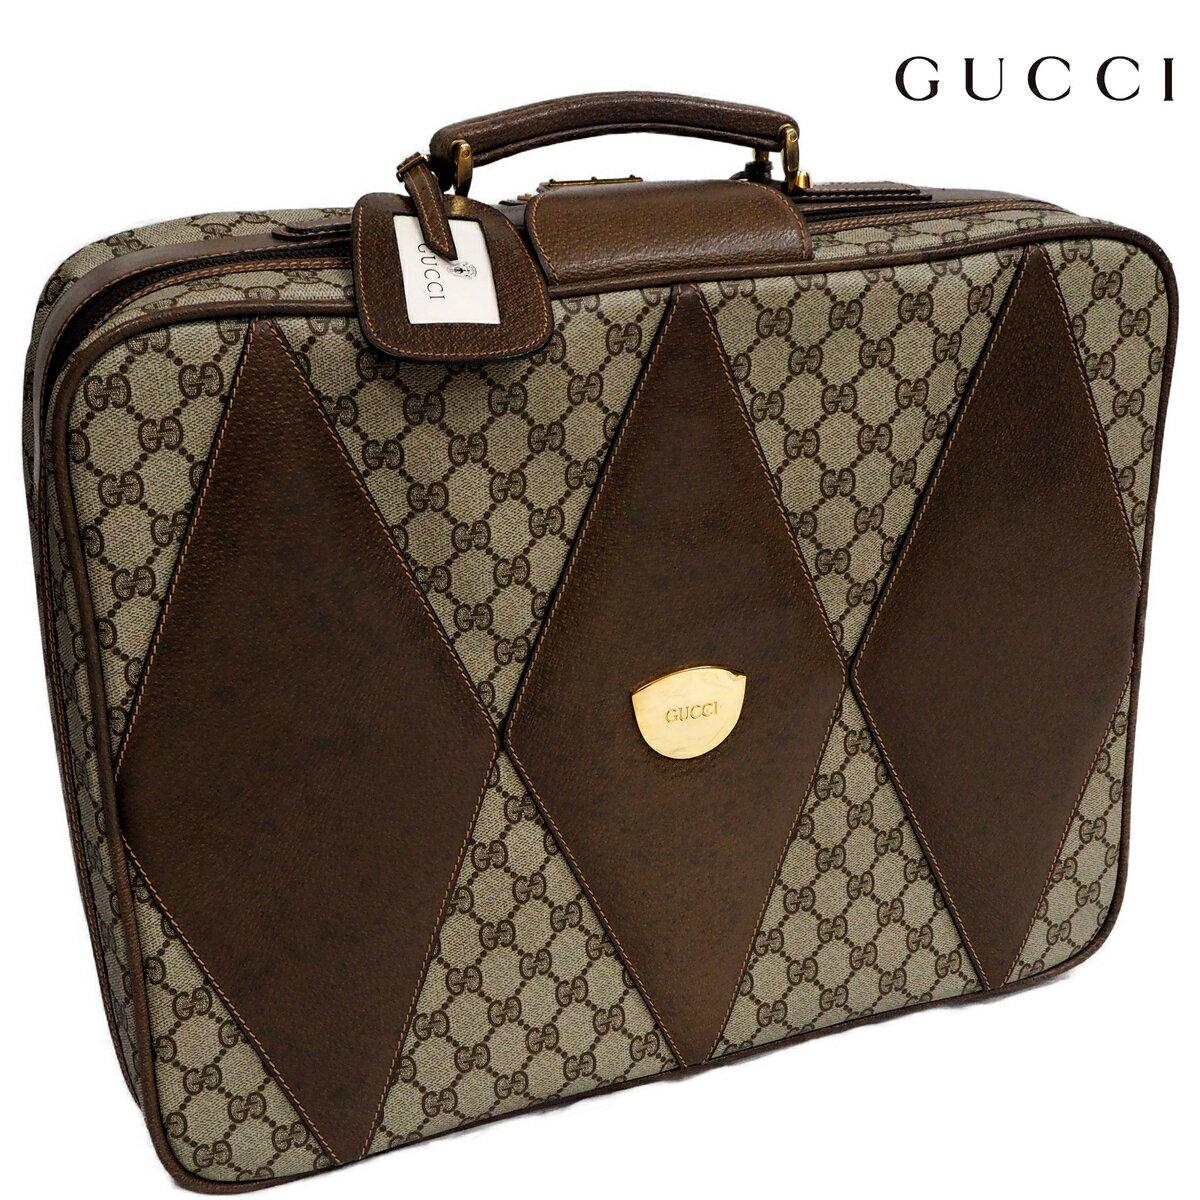 バッグ, スーツケース・キャリーバッグ  OLDGUCCI GG PVC